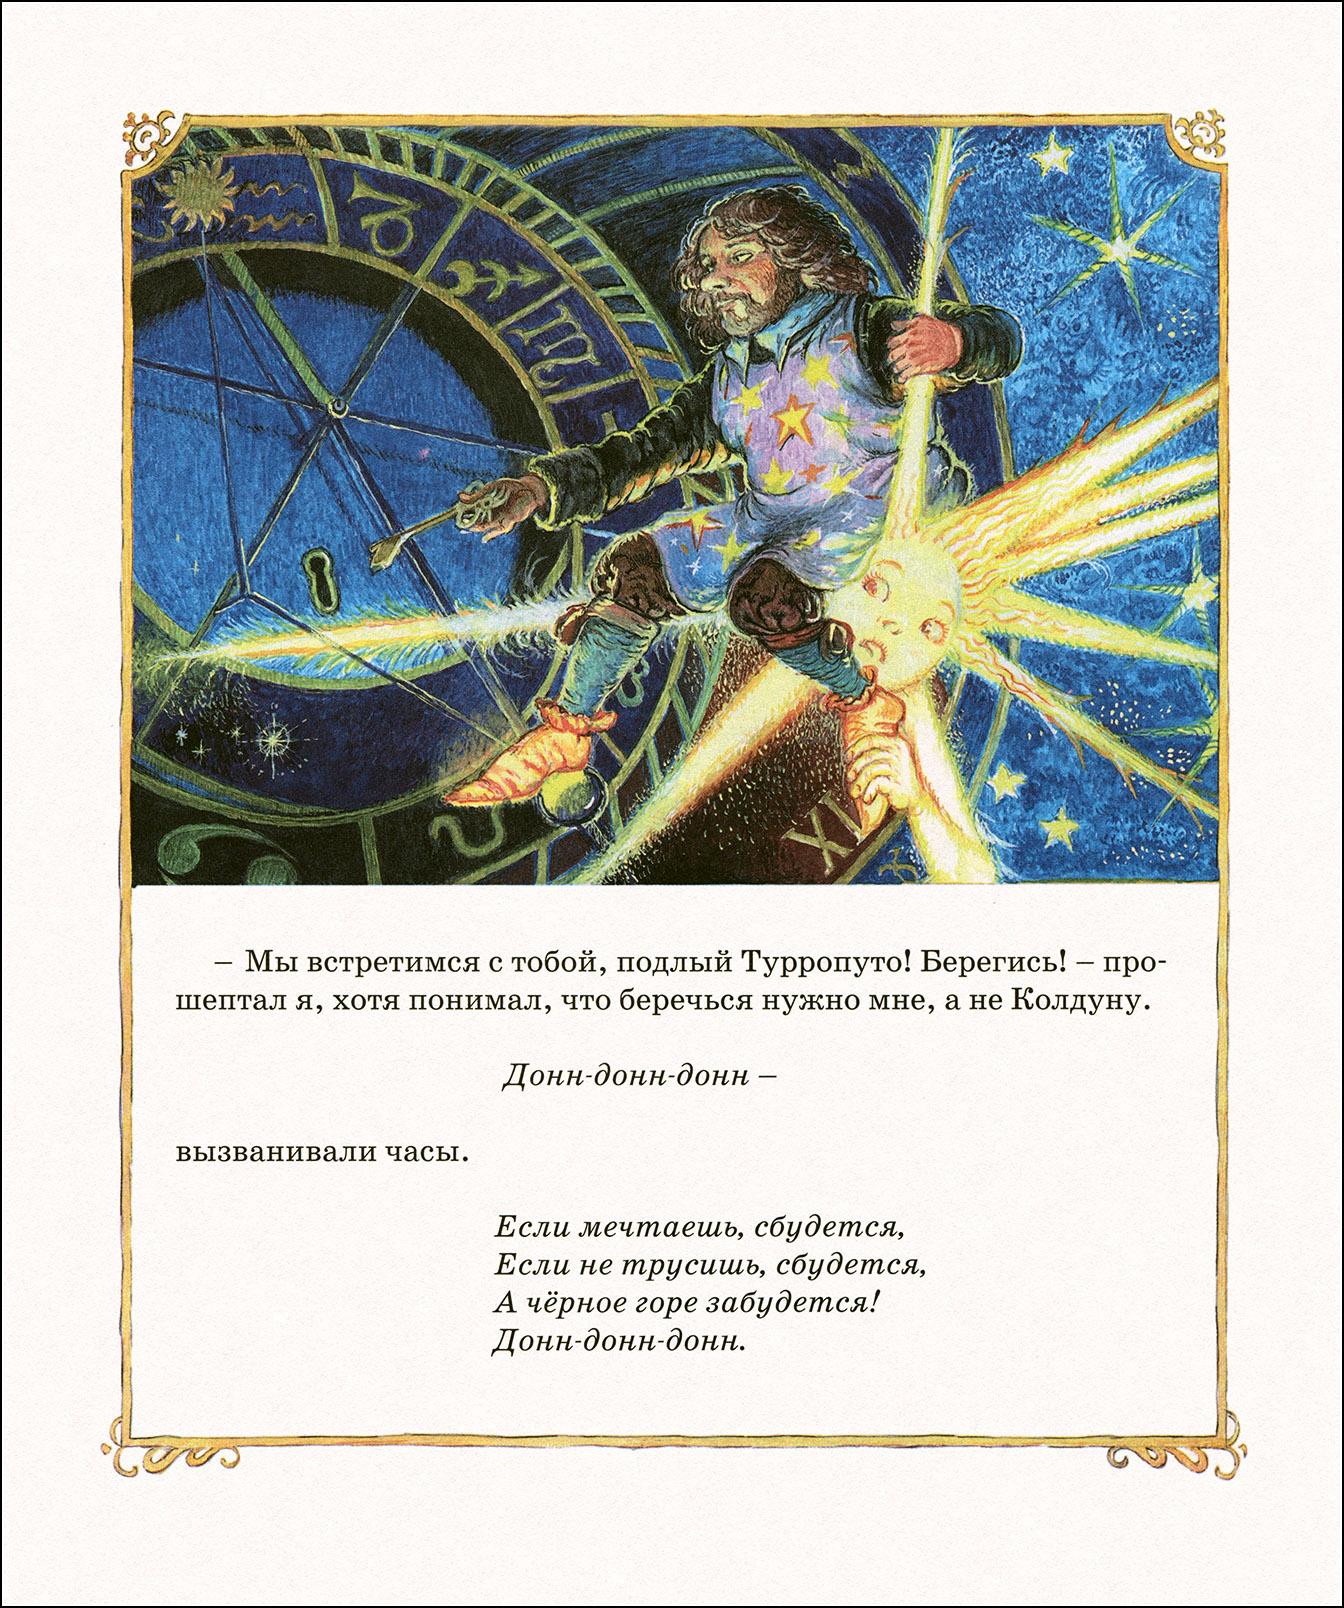 Ирина Егорова, Человек-Горошина и Простак